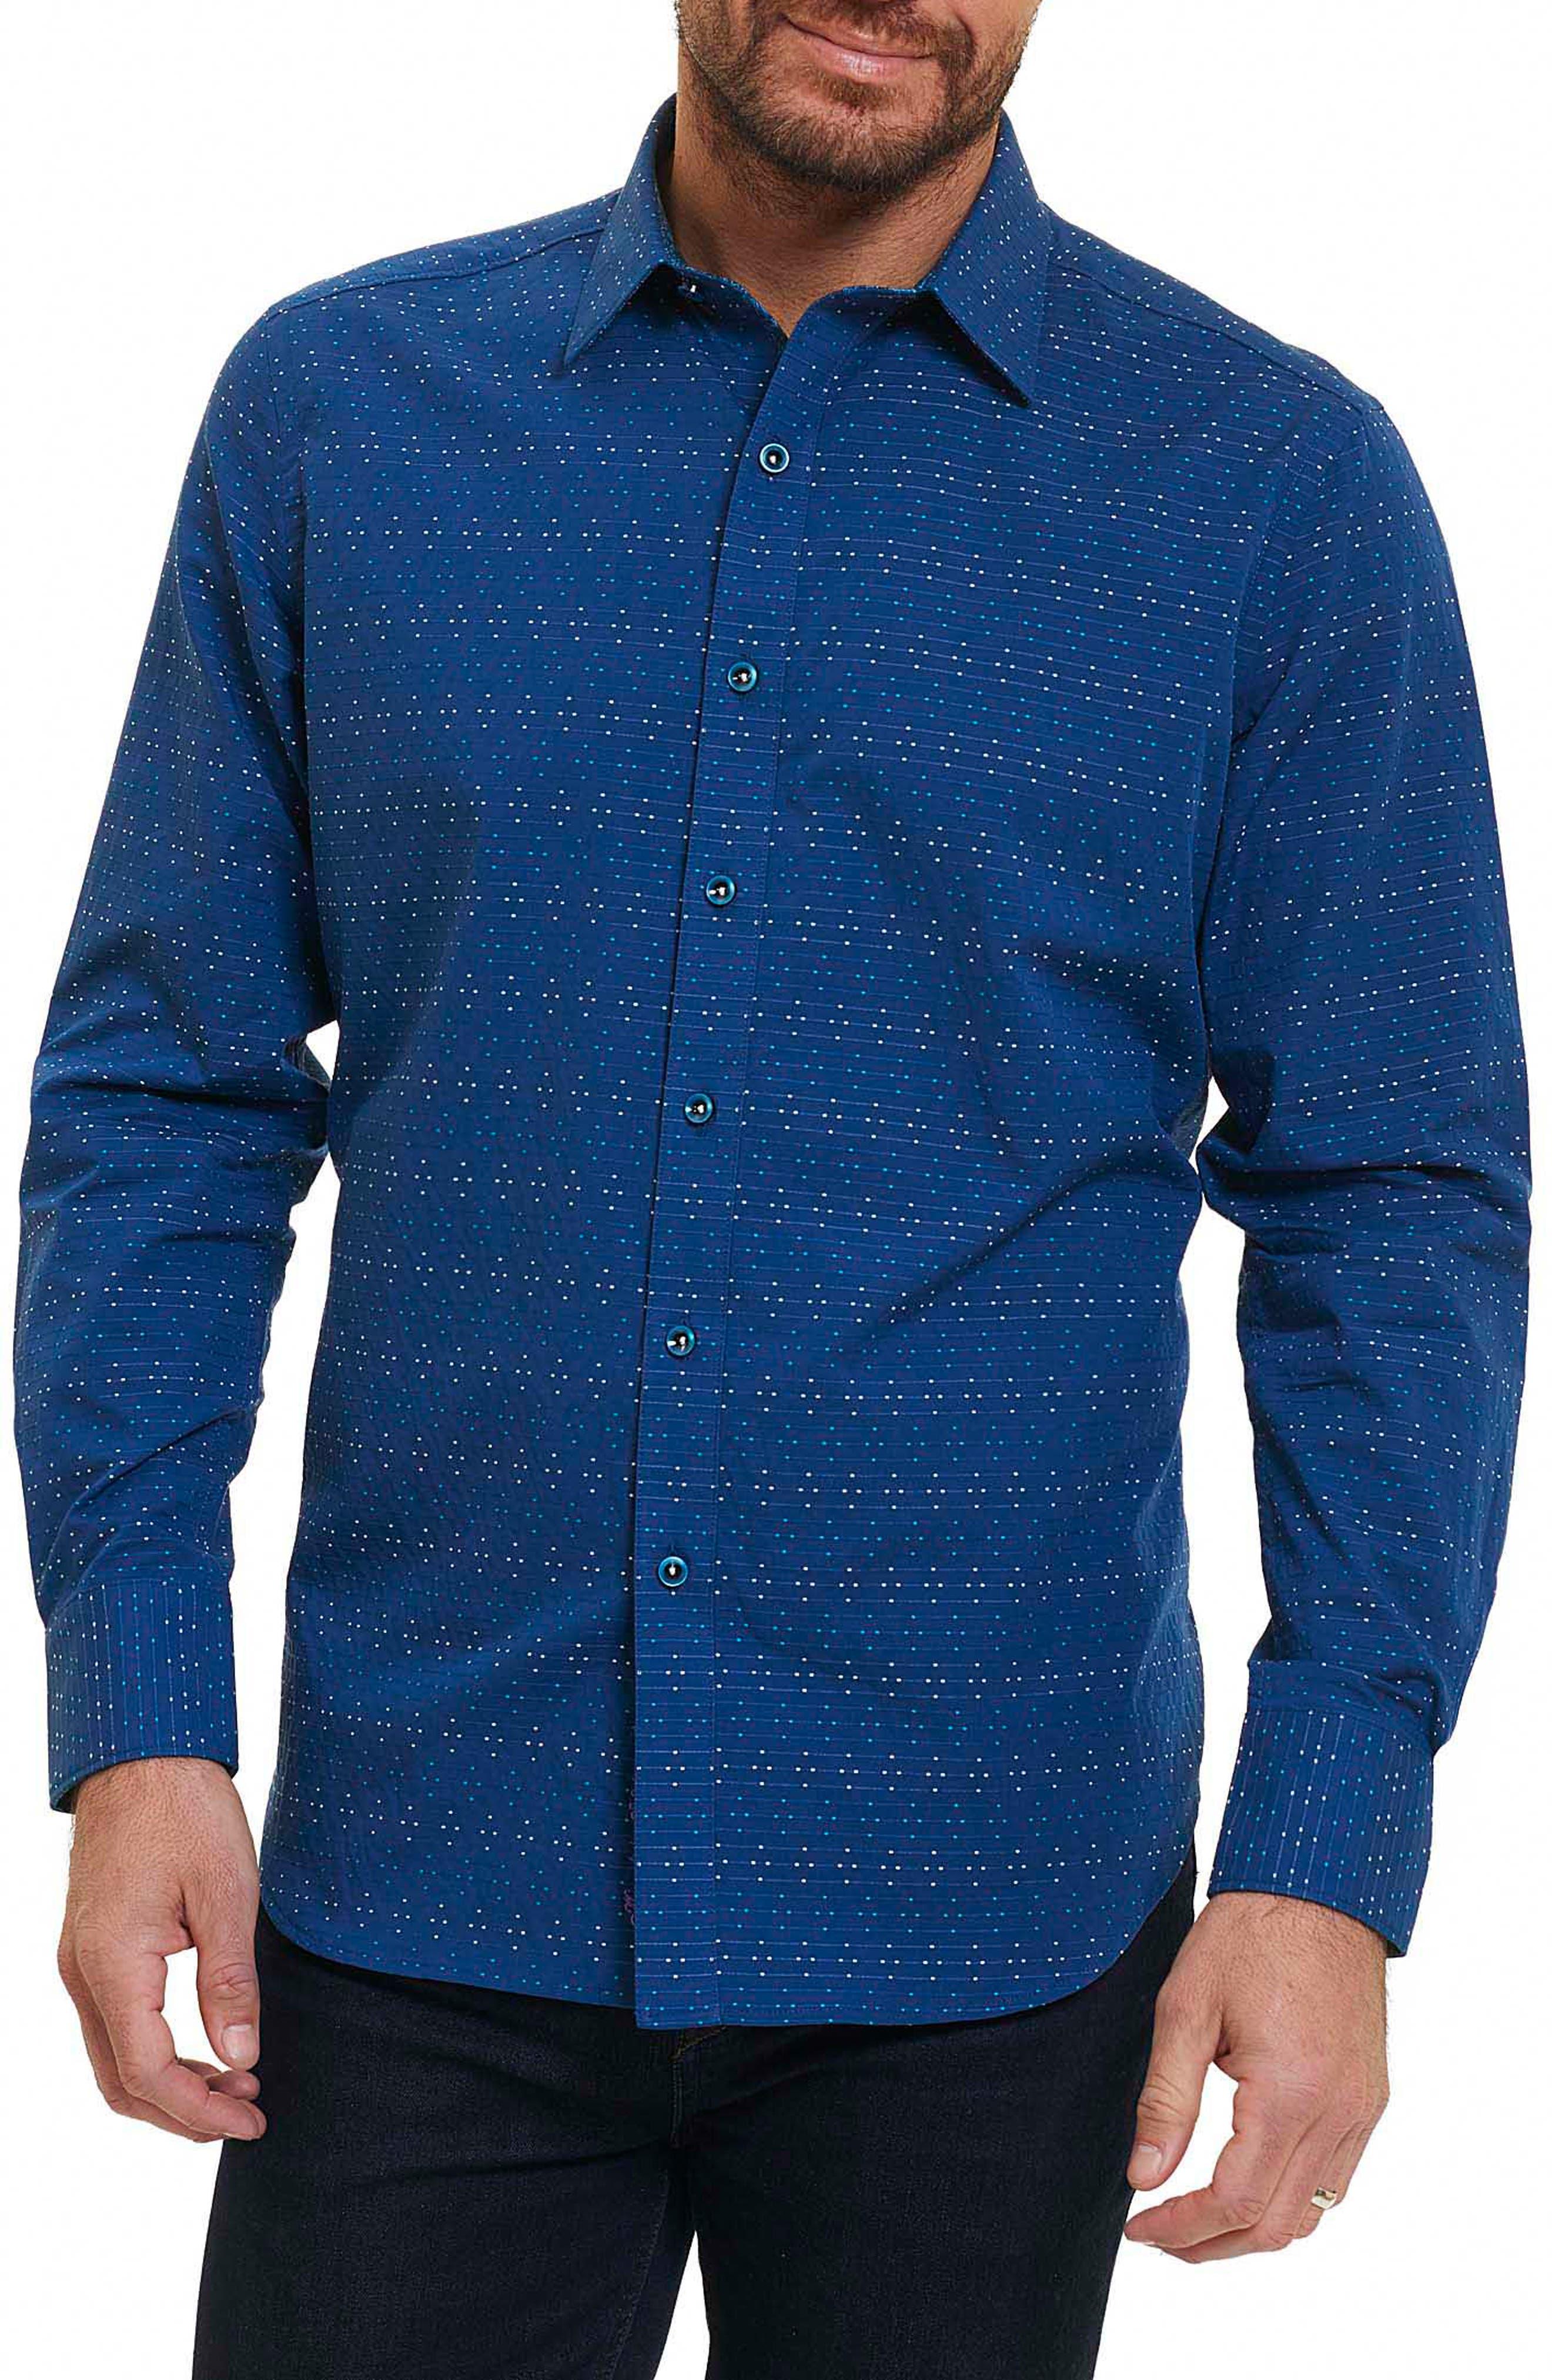 Dev Classic Fit Sport Shirt,                         Main,                         color, 410